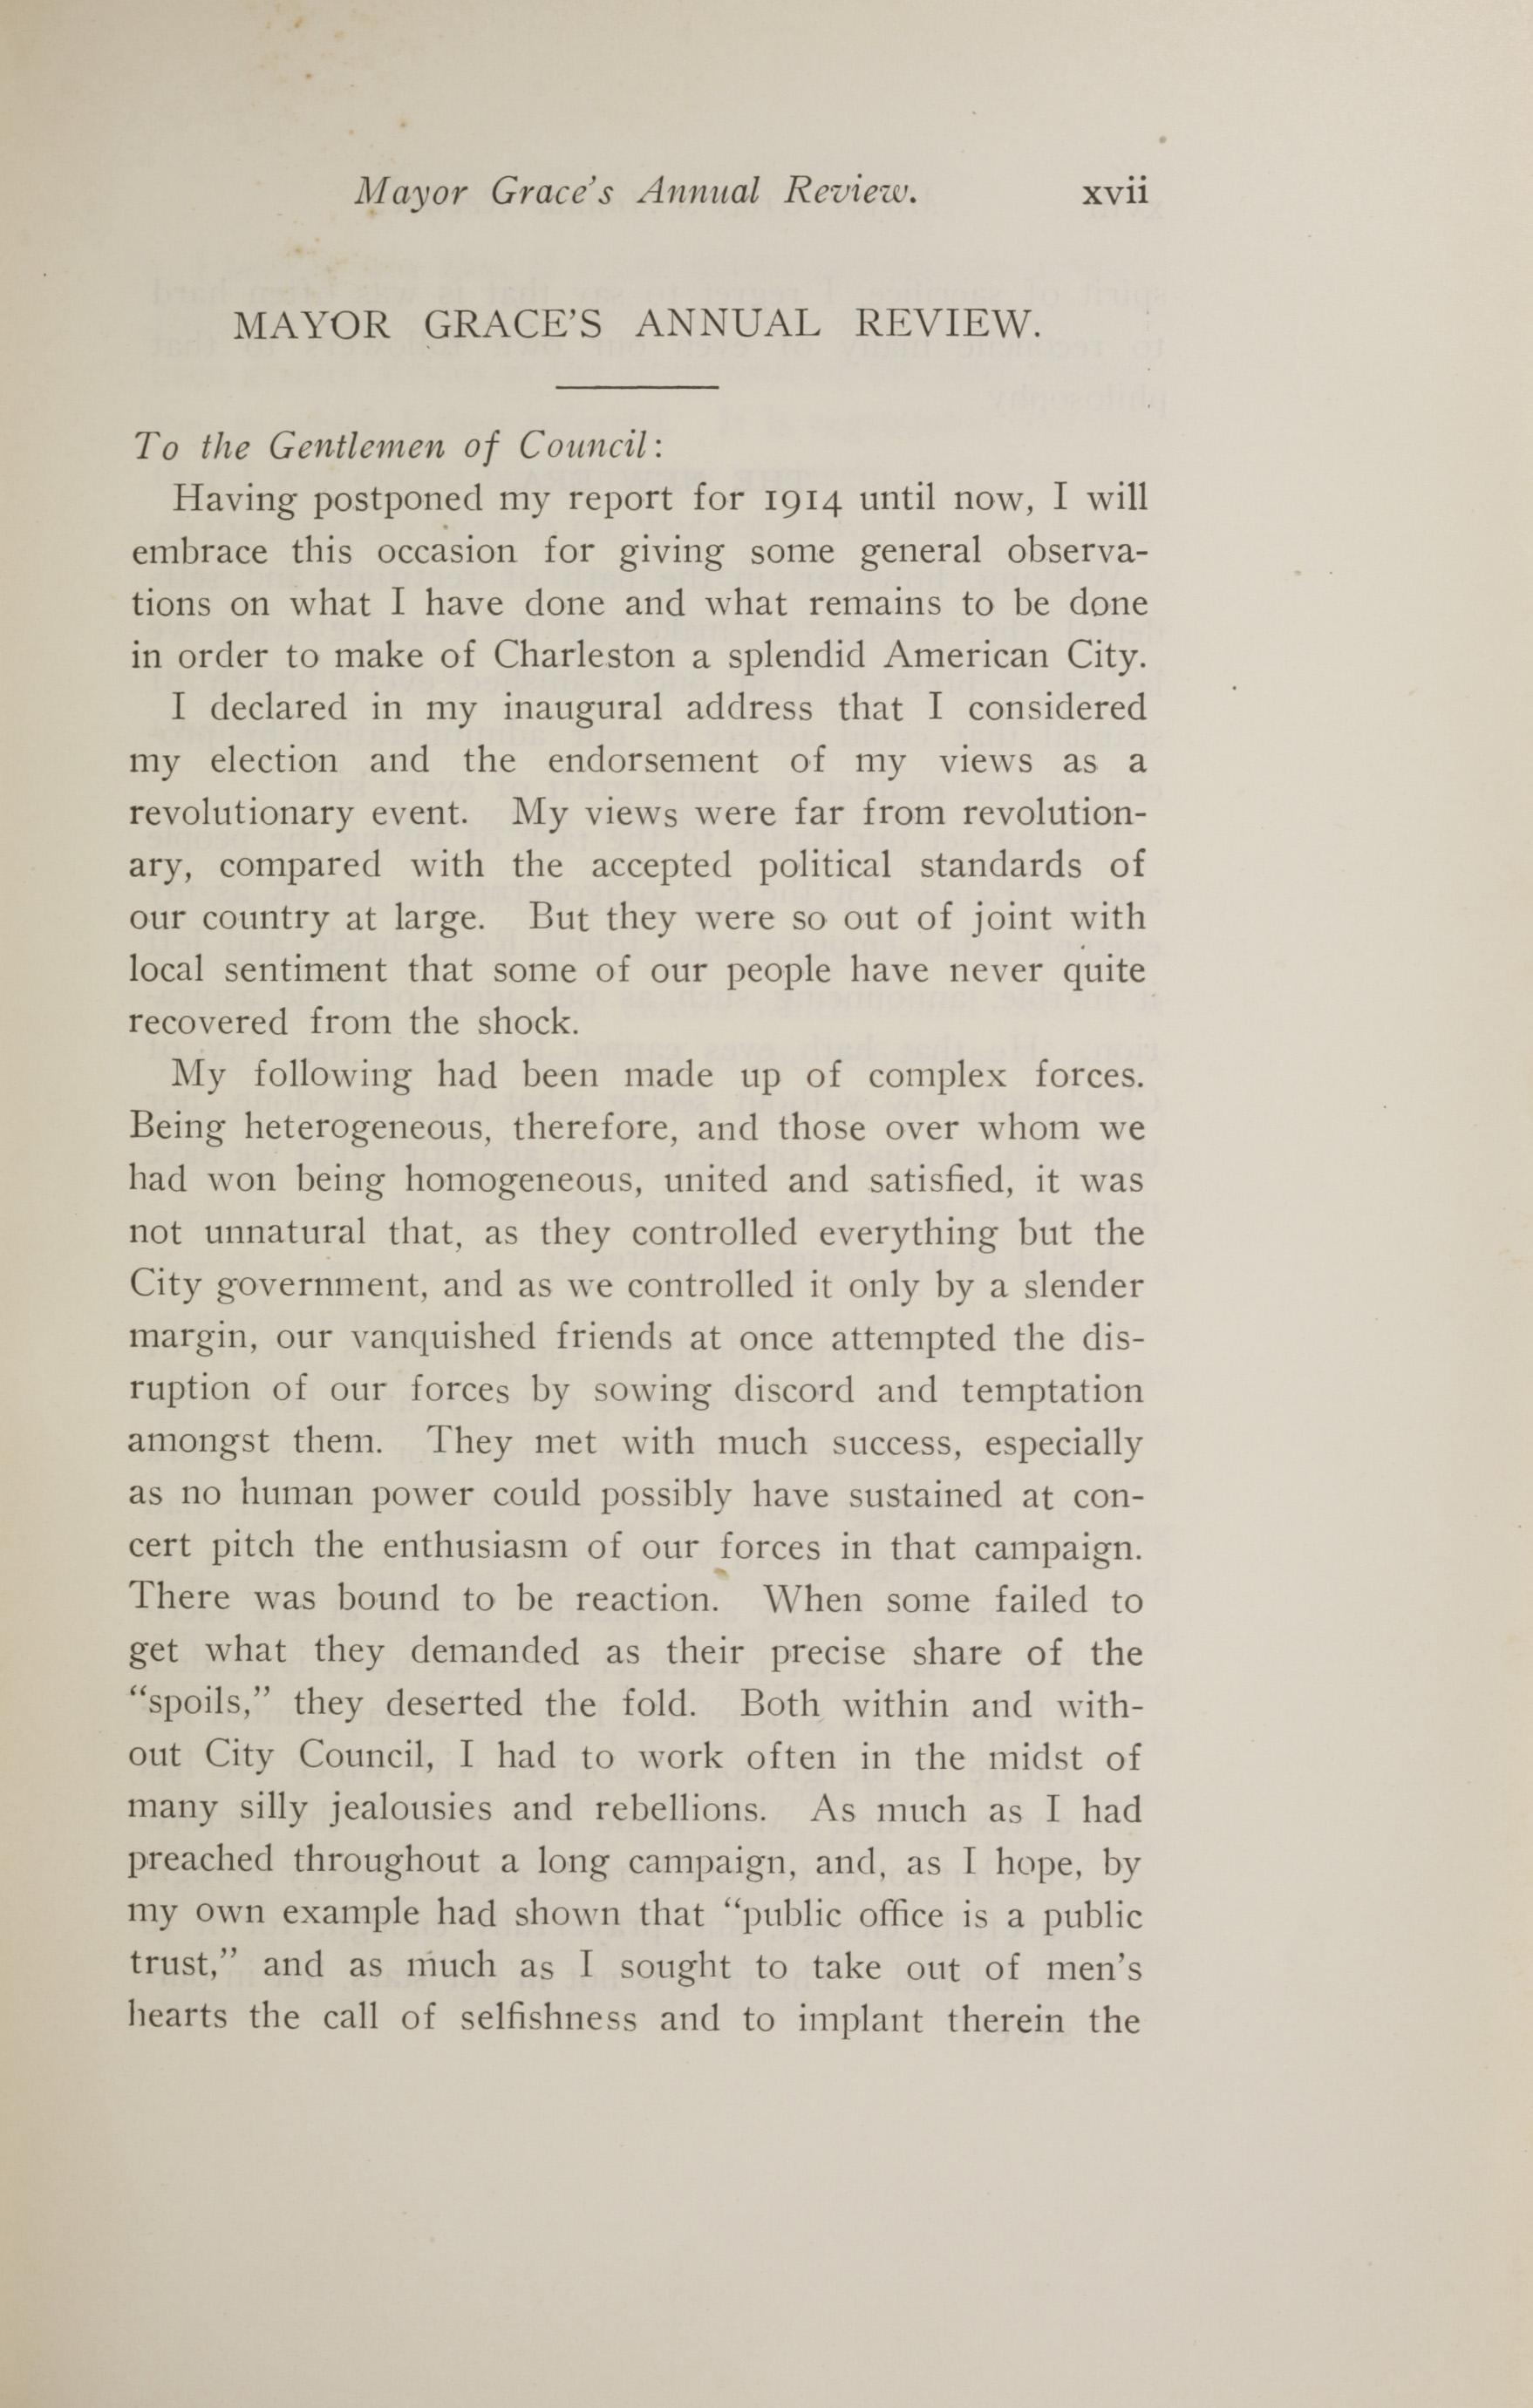 Charleston Yearbook, 1914, page xvii